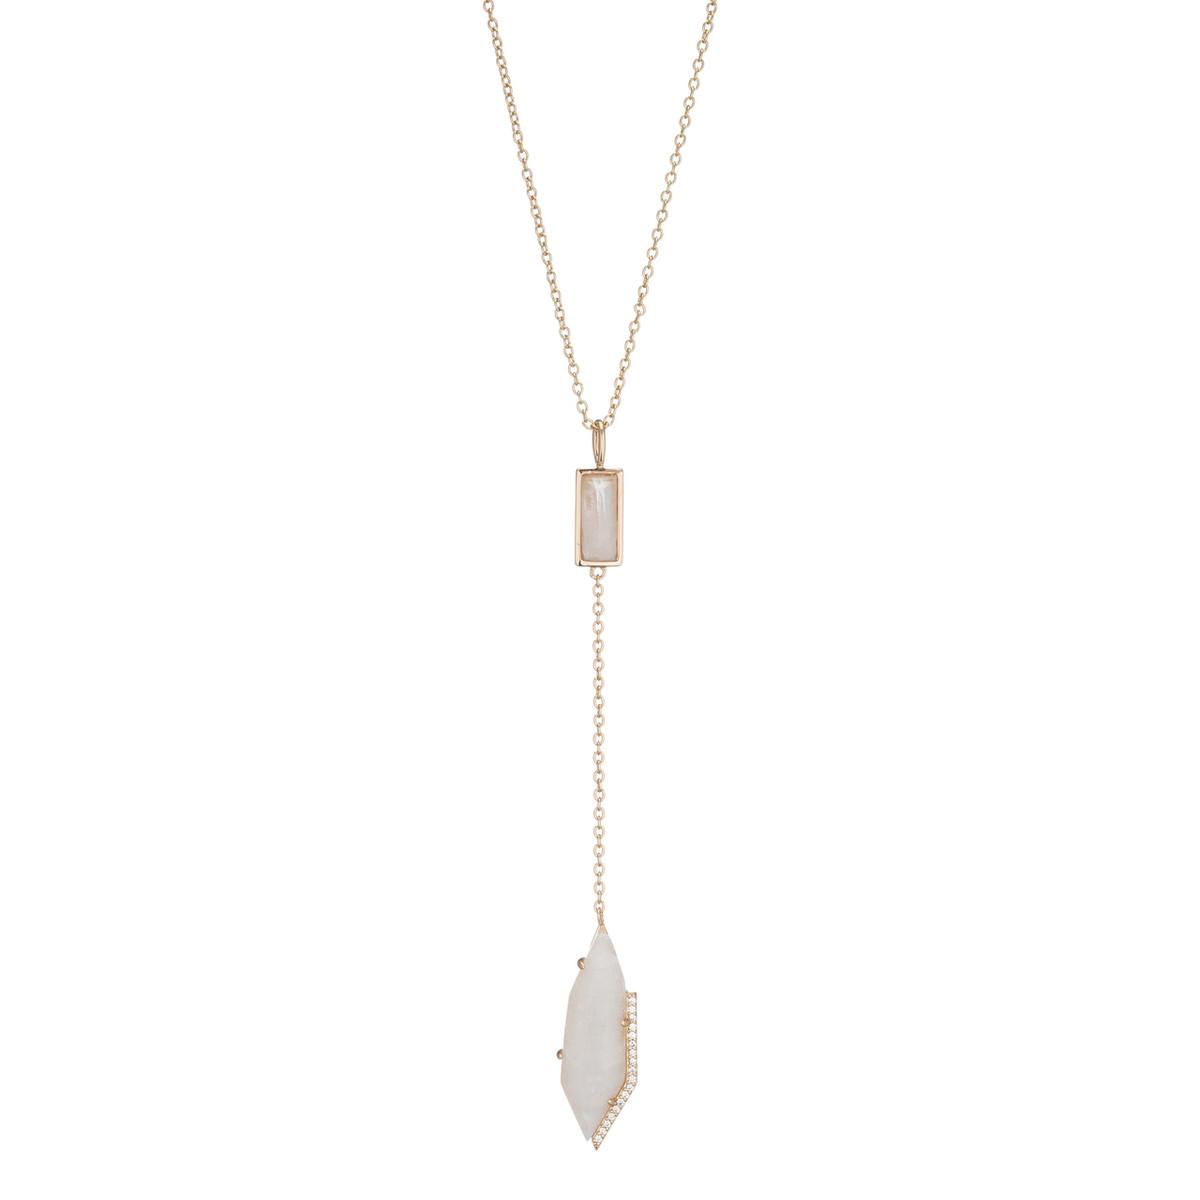 Marcia Moran Zagora Style Necklace